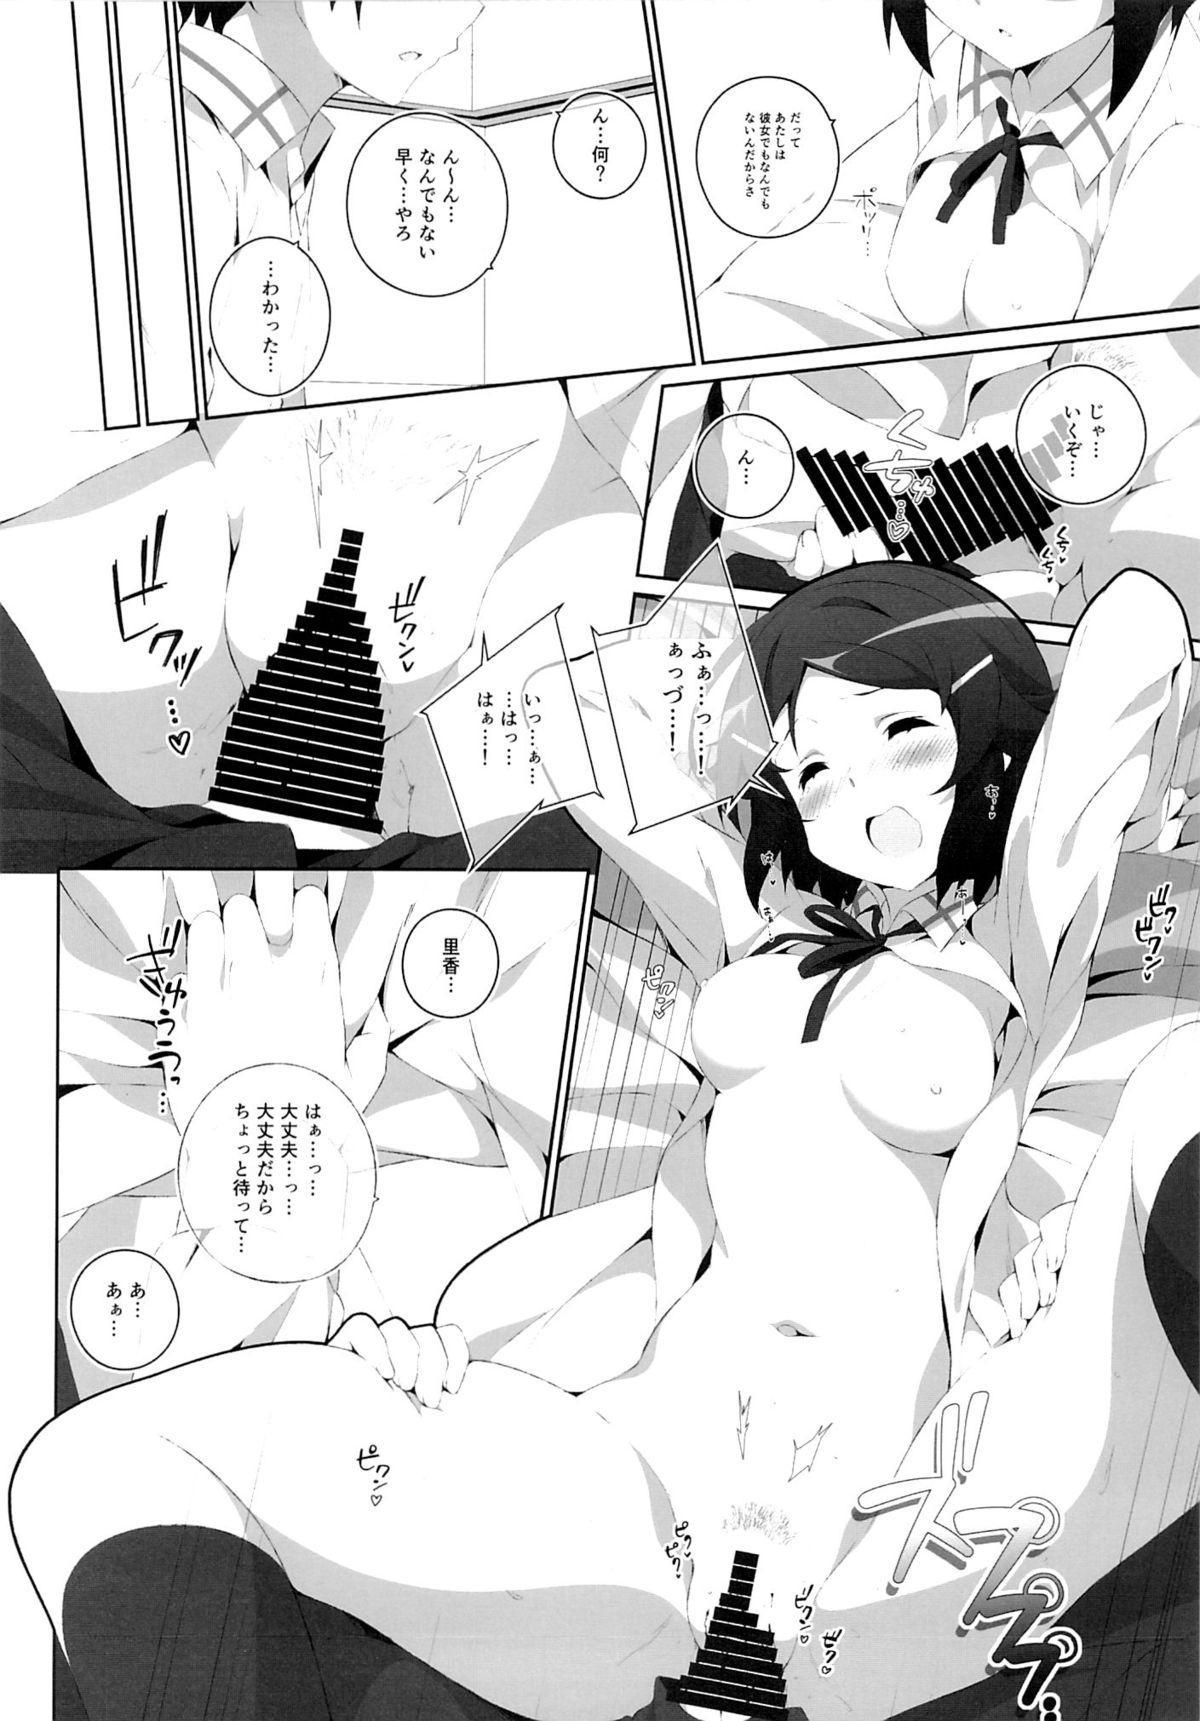 Kimi to Tsunagaru VRMMORPG 16